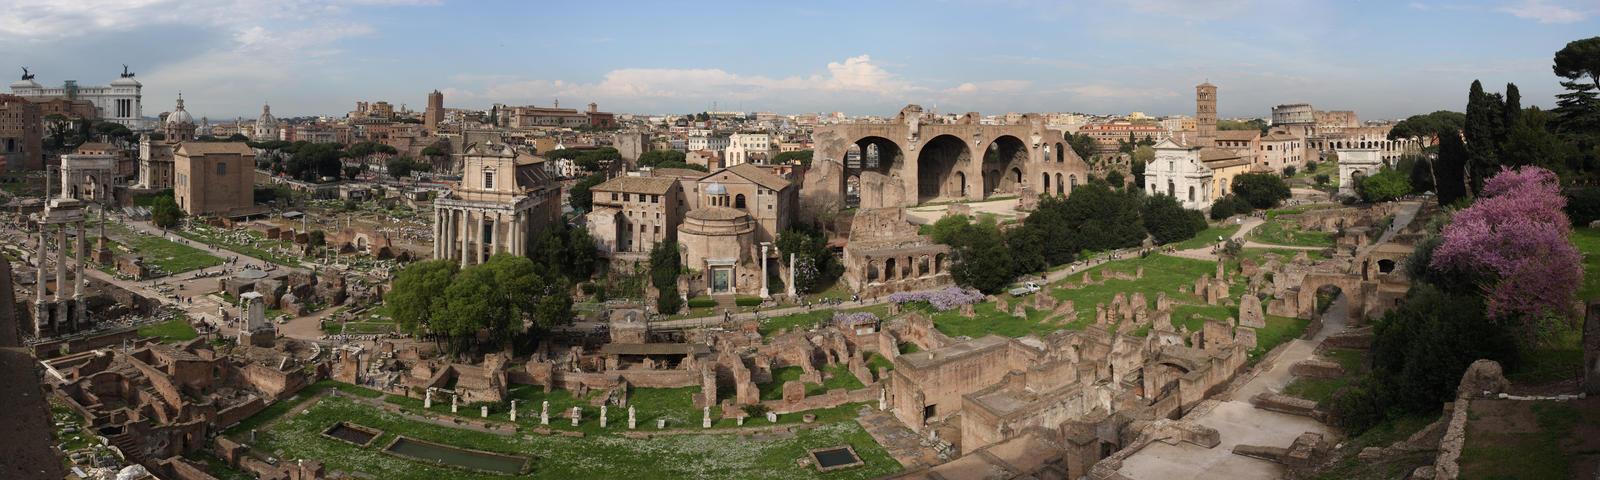 Forum Romanum Panorama